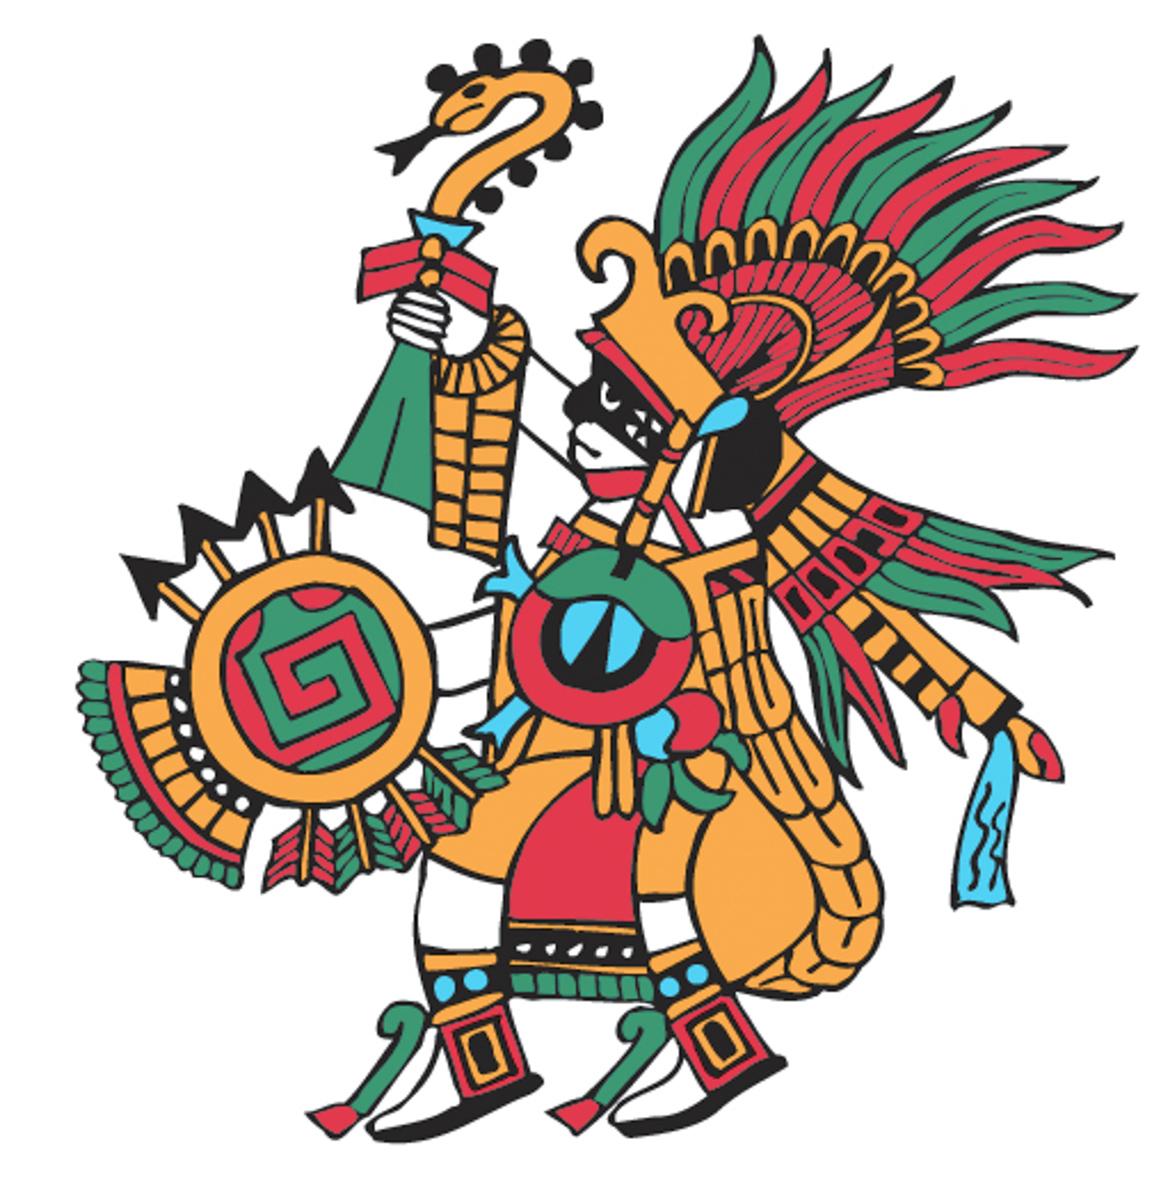 Huitzilopochtli Hummingbird Of The South God Of War Richard Balthazar